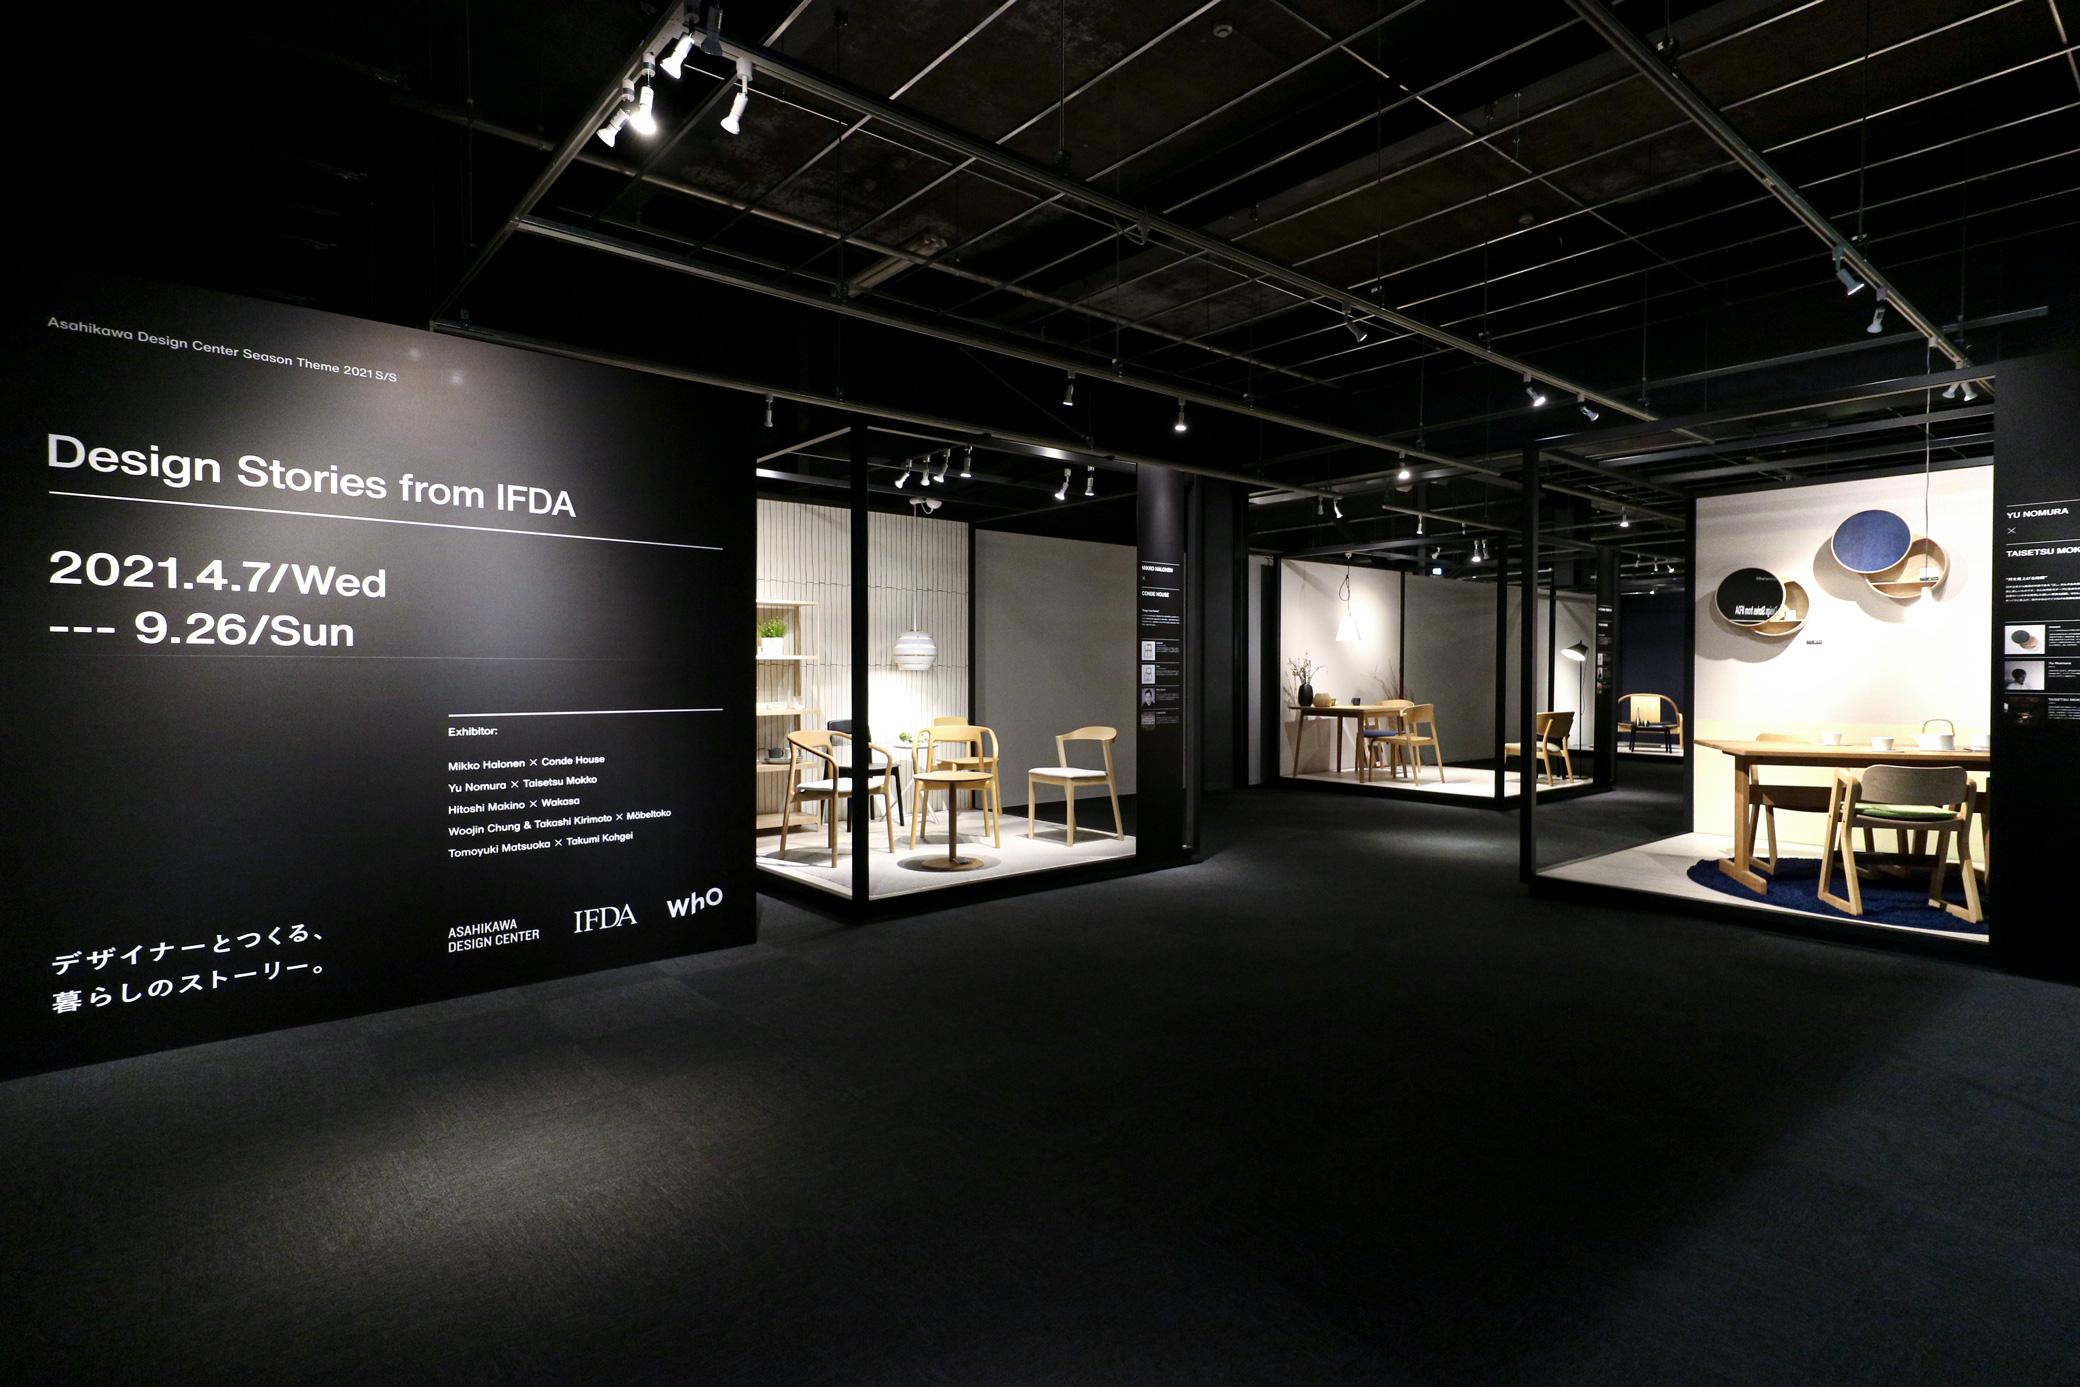 2021年9月26日まで開催中の特別展「Design Stories from IFDA デザイナーとつくる、暮らしのストーリー。」は必見(入場無料)。旭川家具デザインの変遷が実物展示や写真、映像とともに楽しめる。